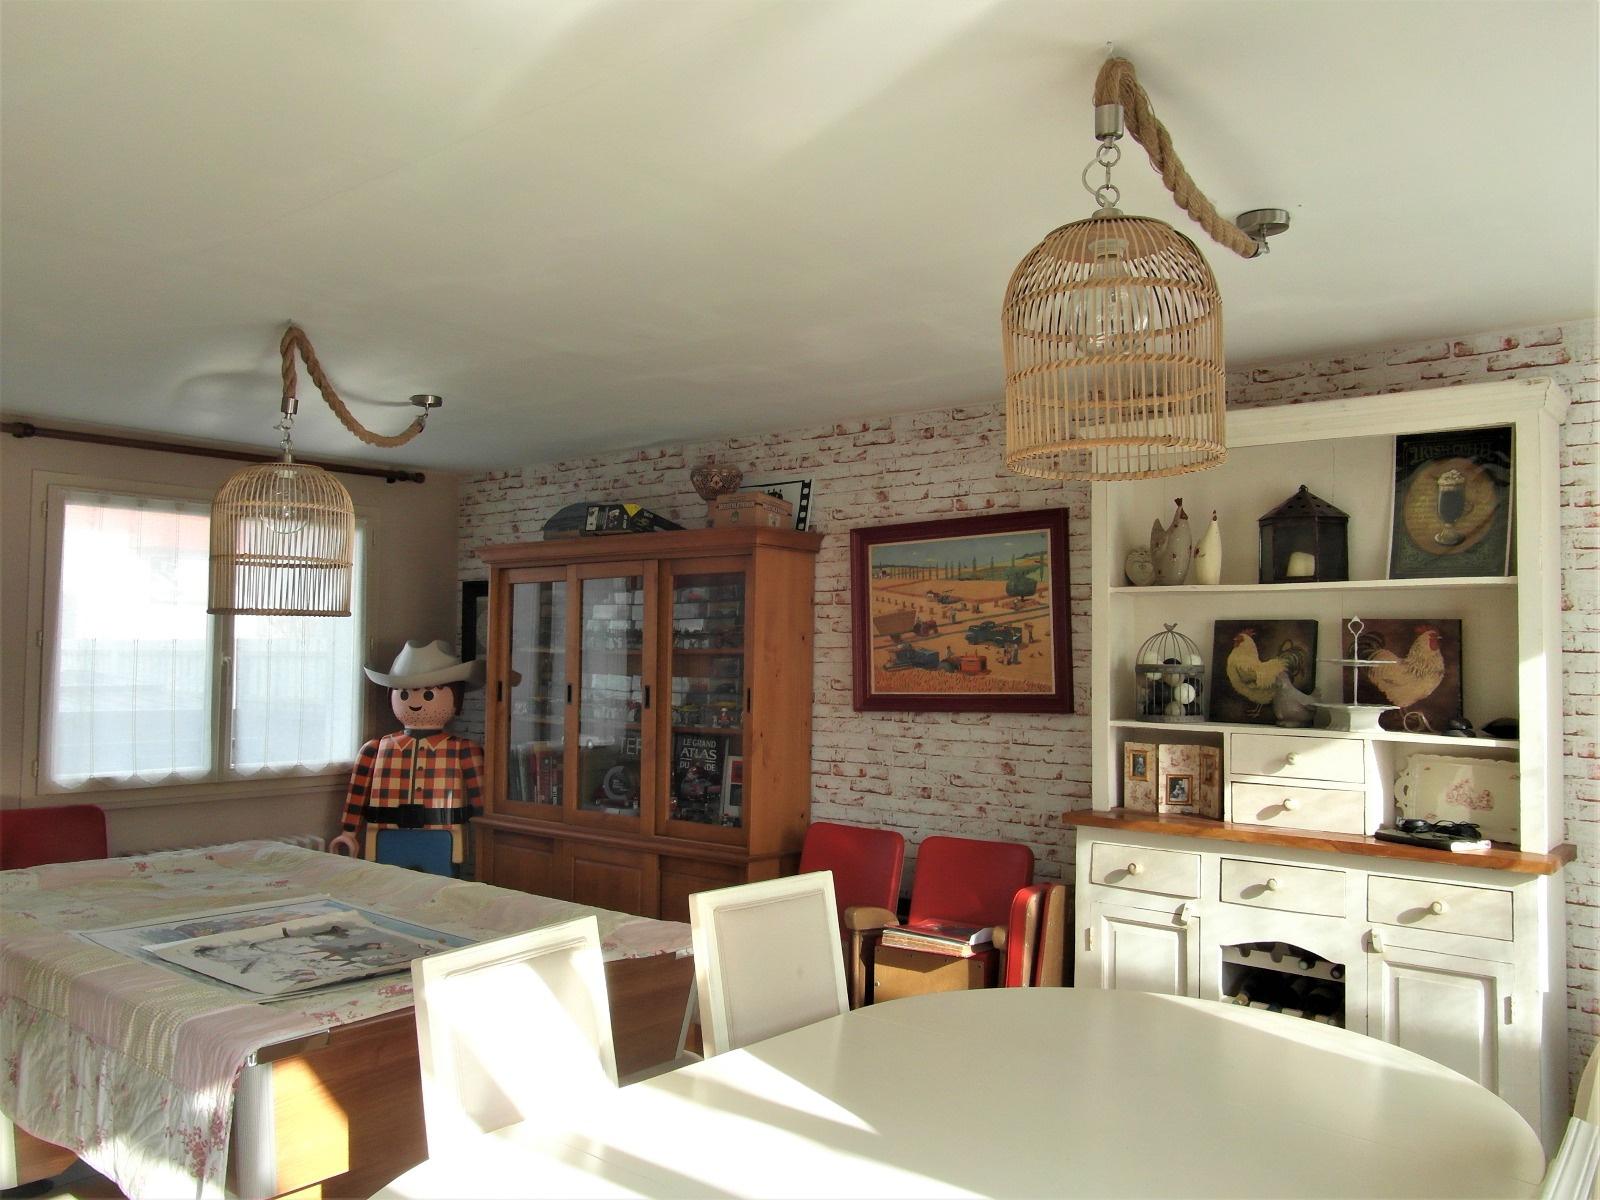 vente prix r duit une maison familiale et spacieuse de. Black Bedroom Furniture Sets. Home Design Ideas